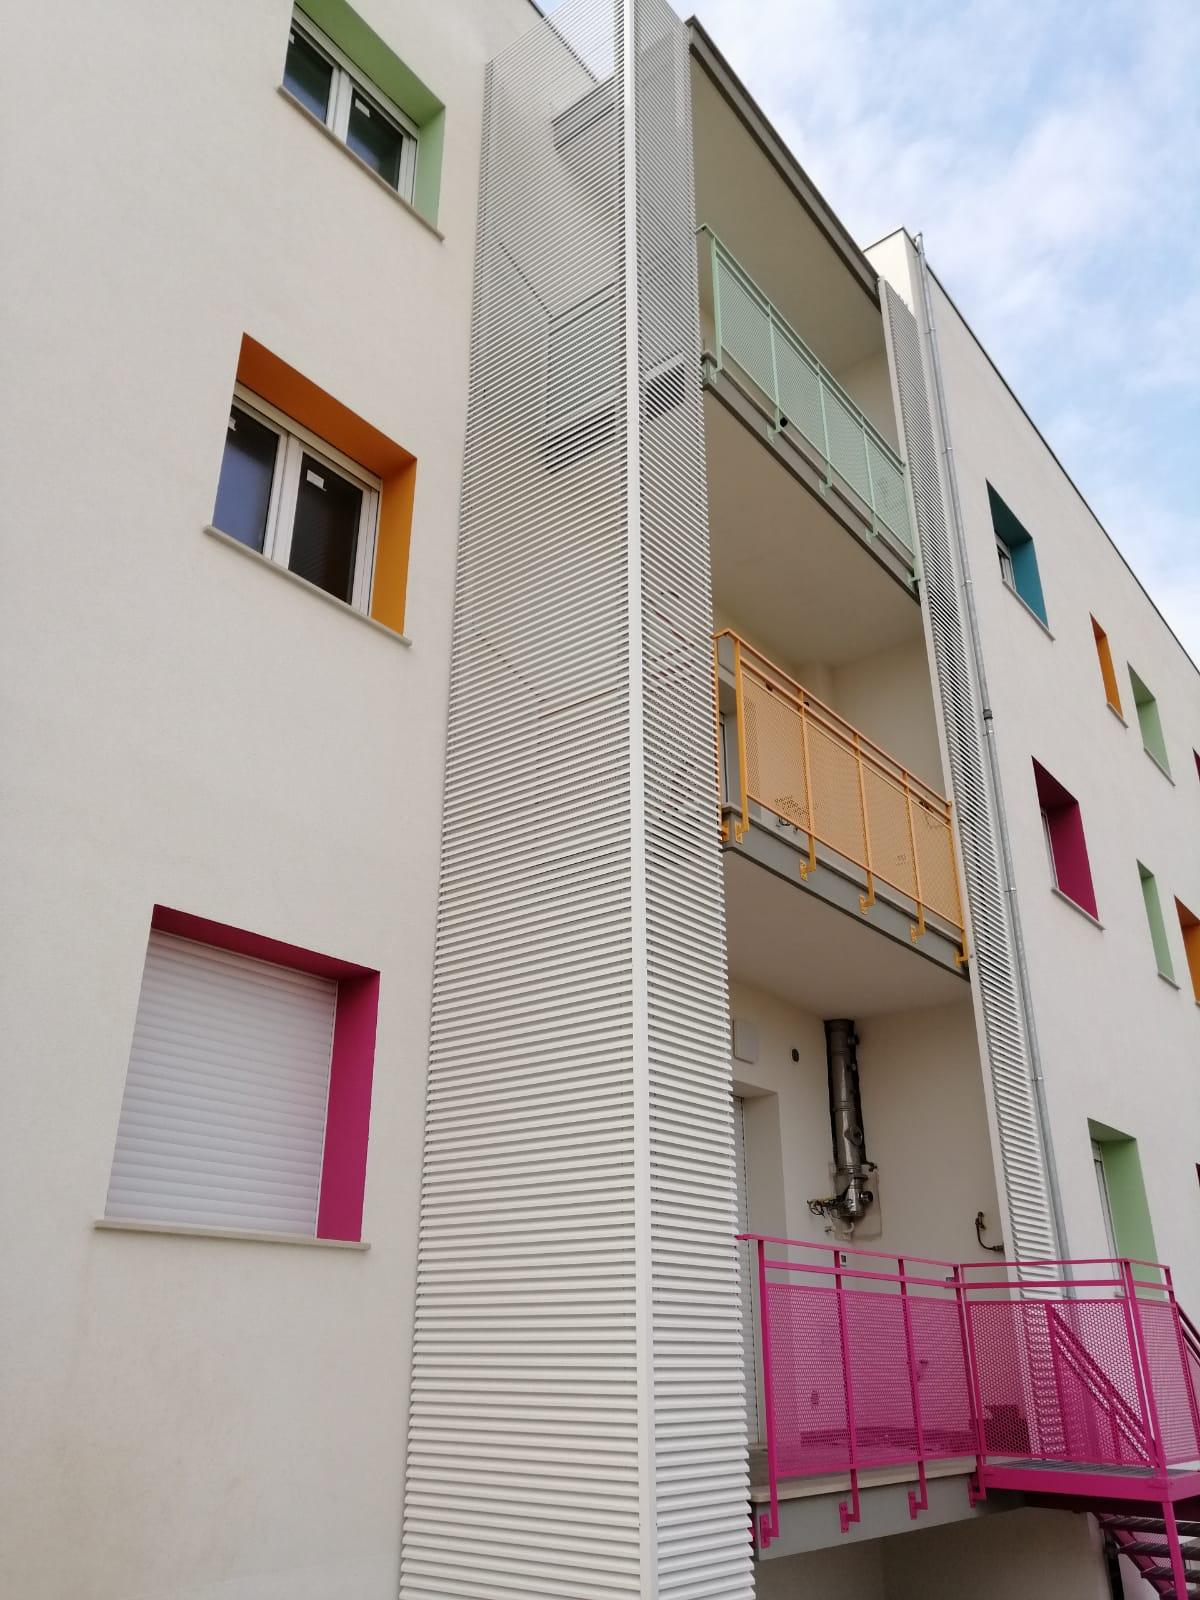 Coperture frangisole colorate per balconi con lamelle in alluminio - Bari, Brindisi, Puglia - 2